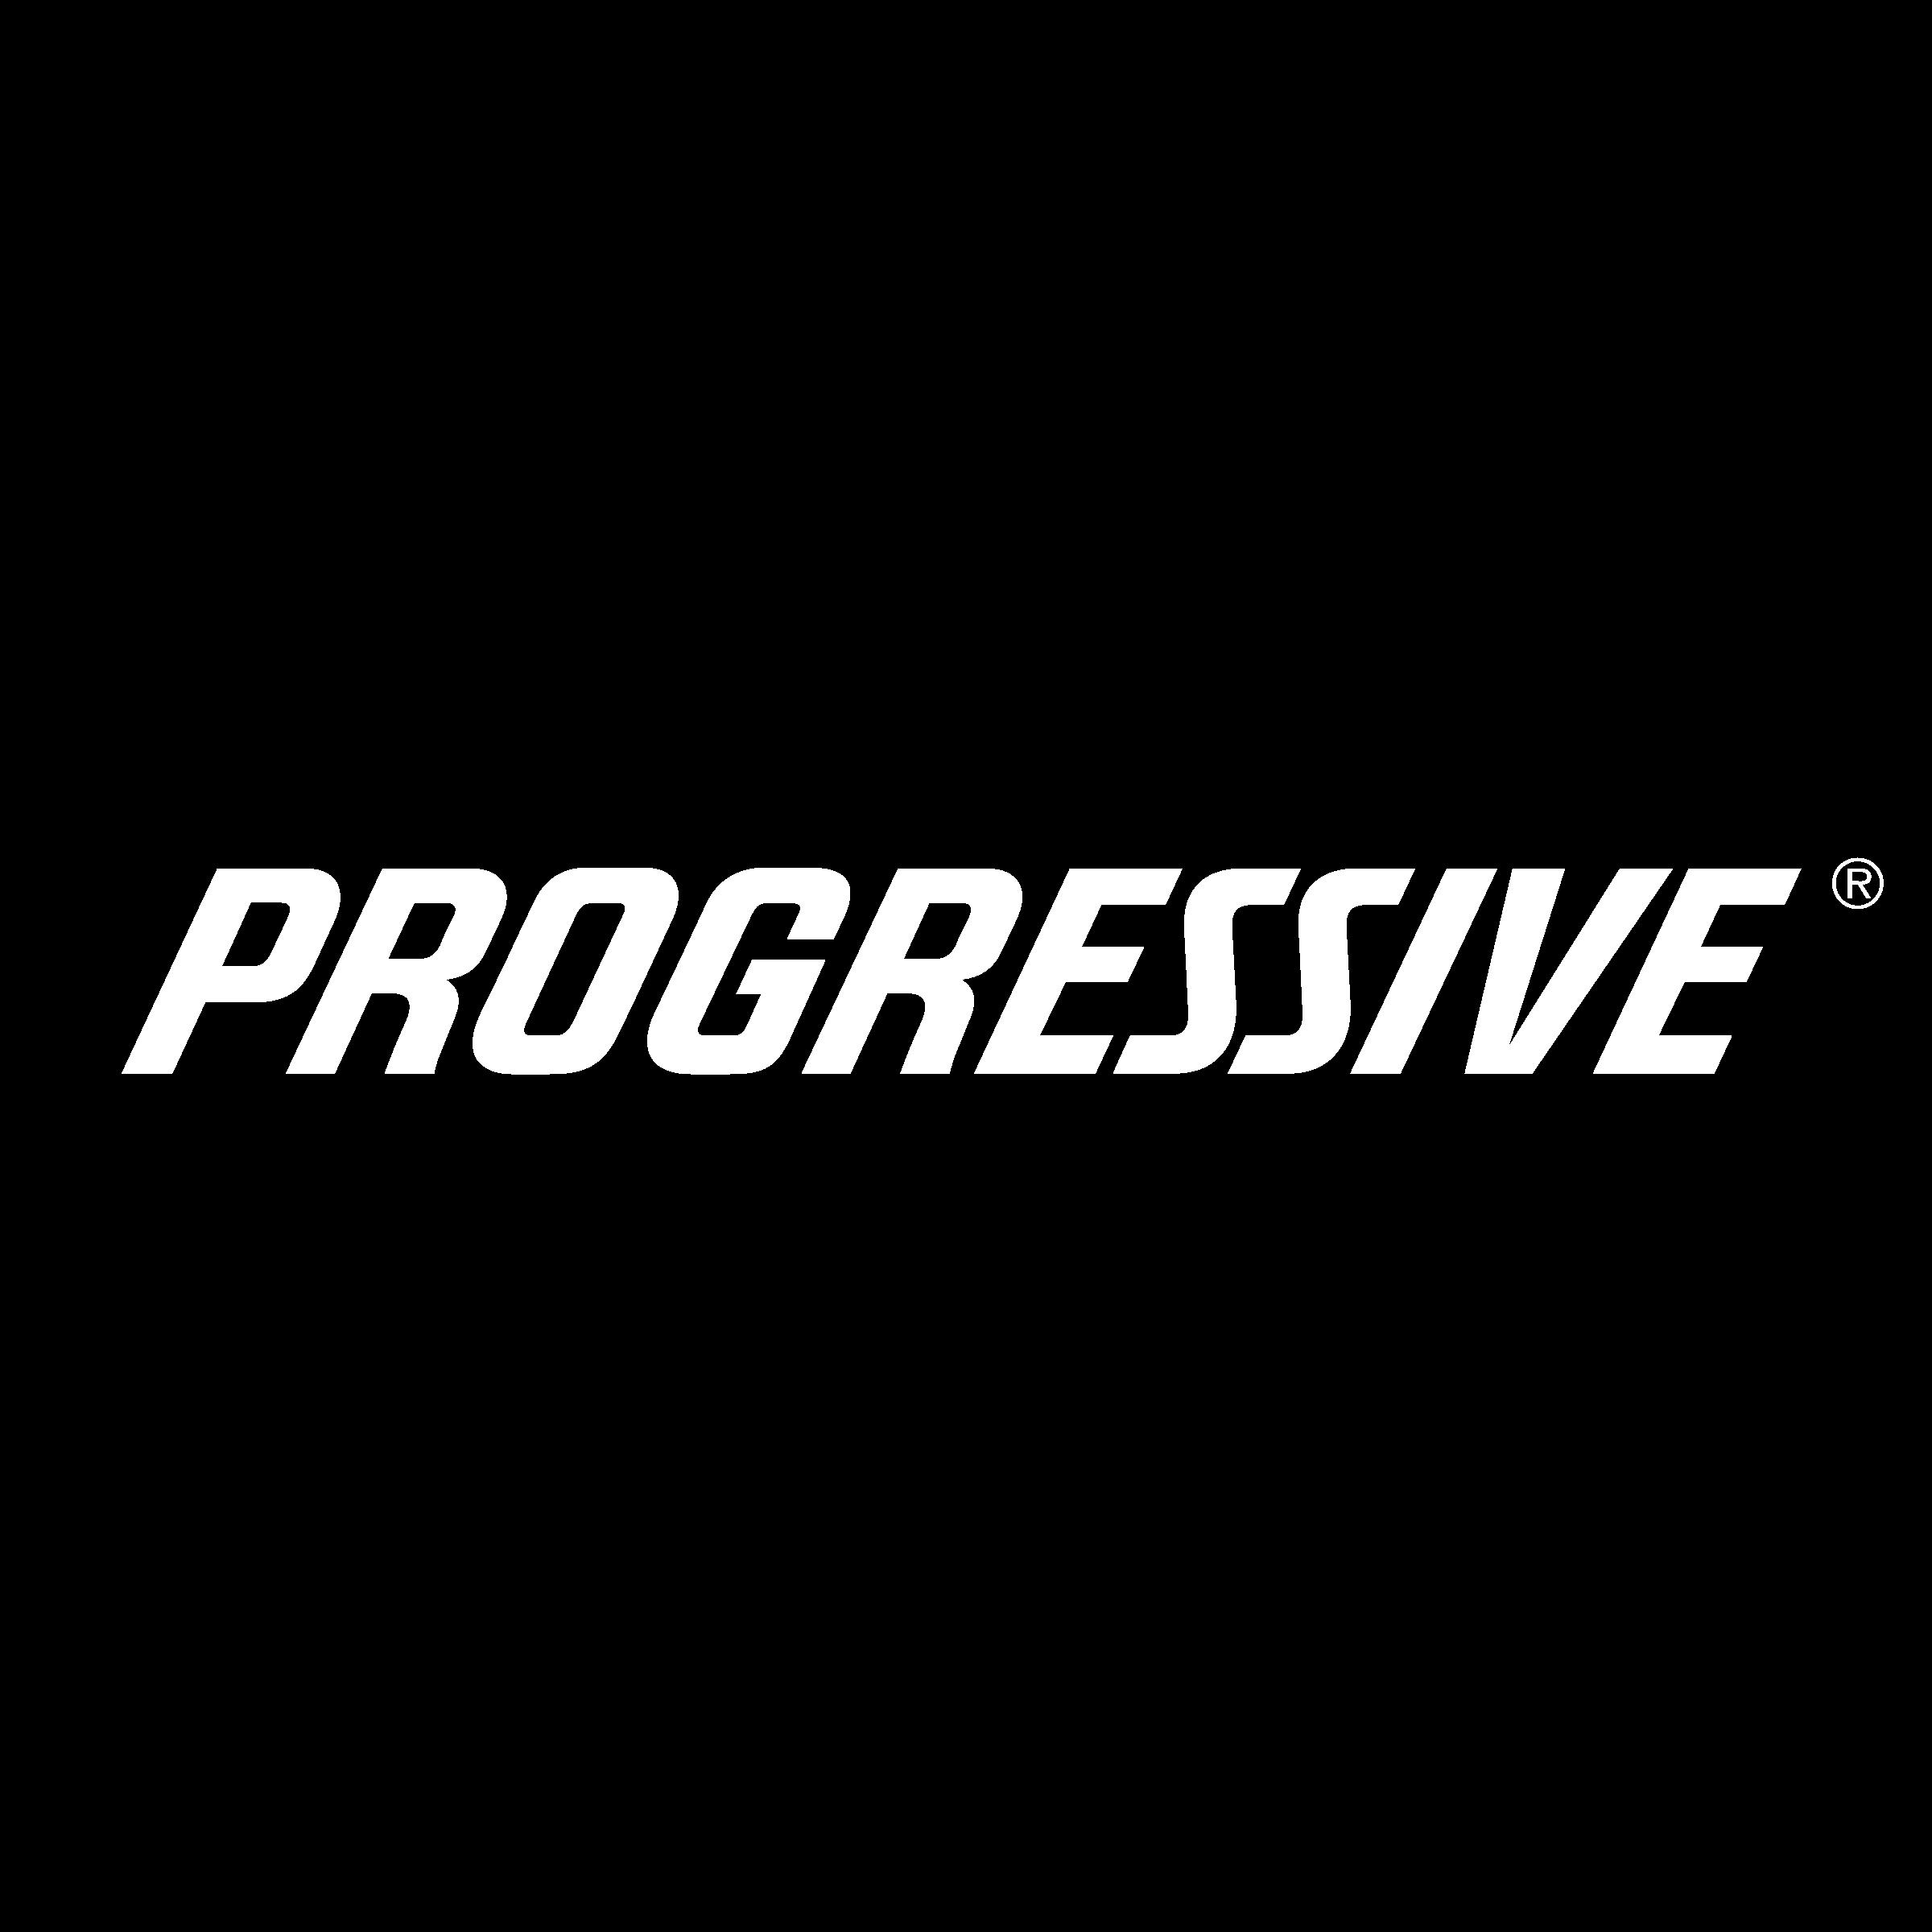 Progressive Logo PNG Transparent & SVG Vector.